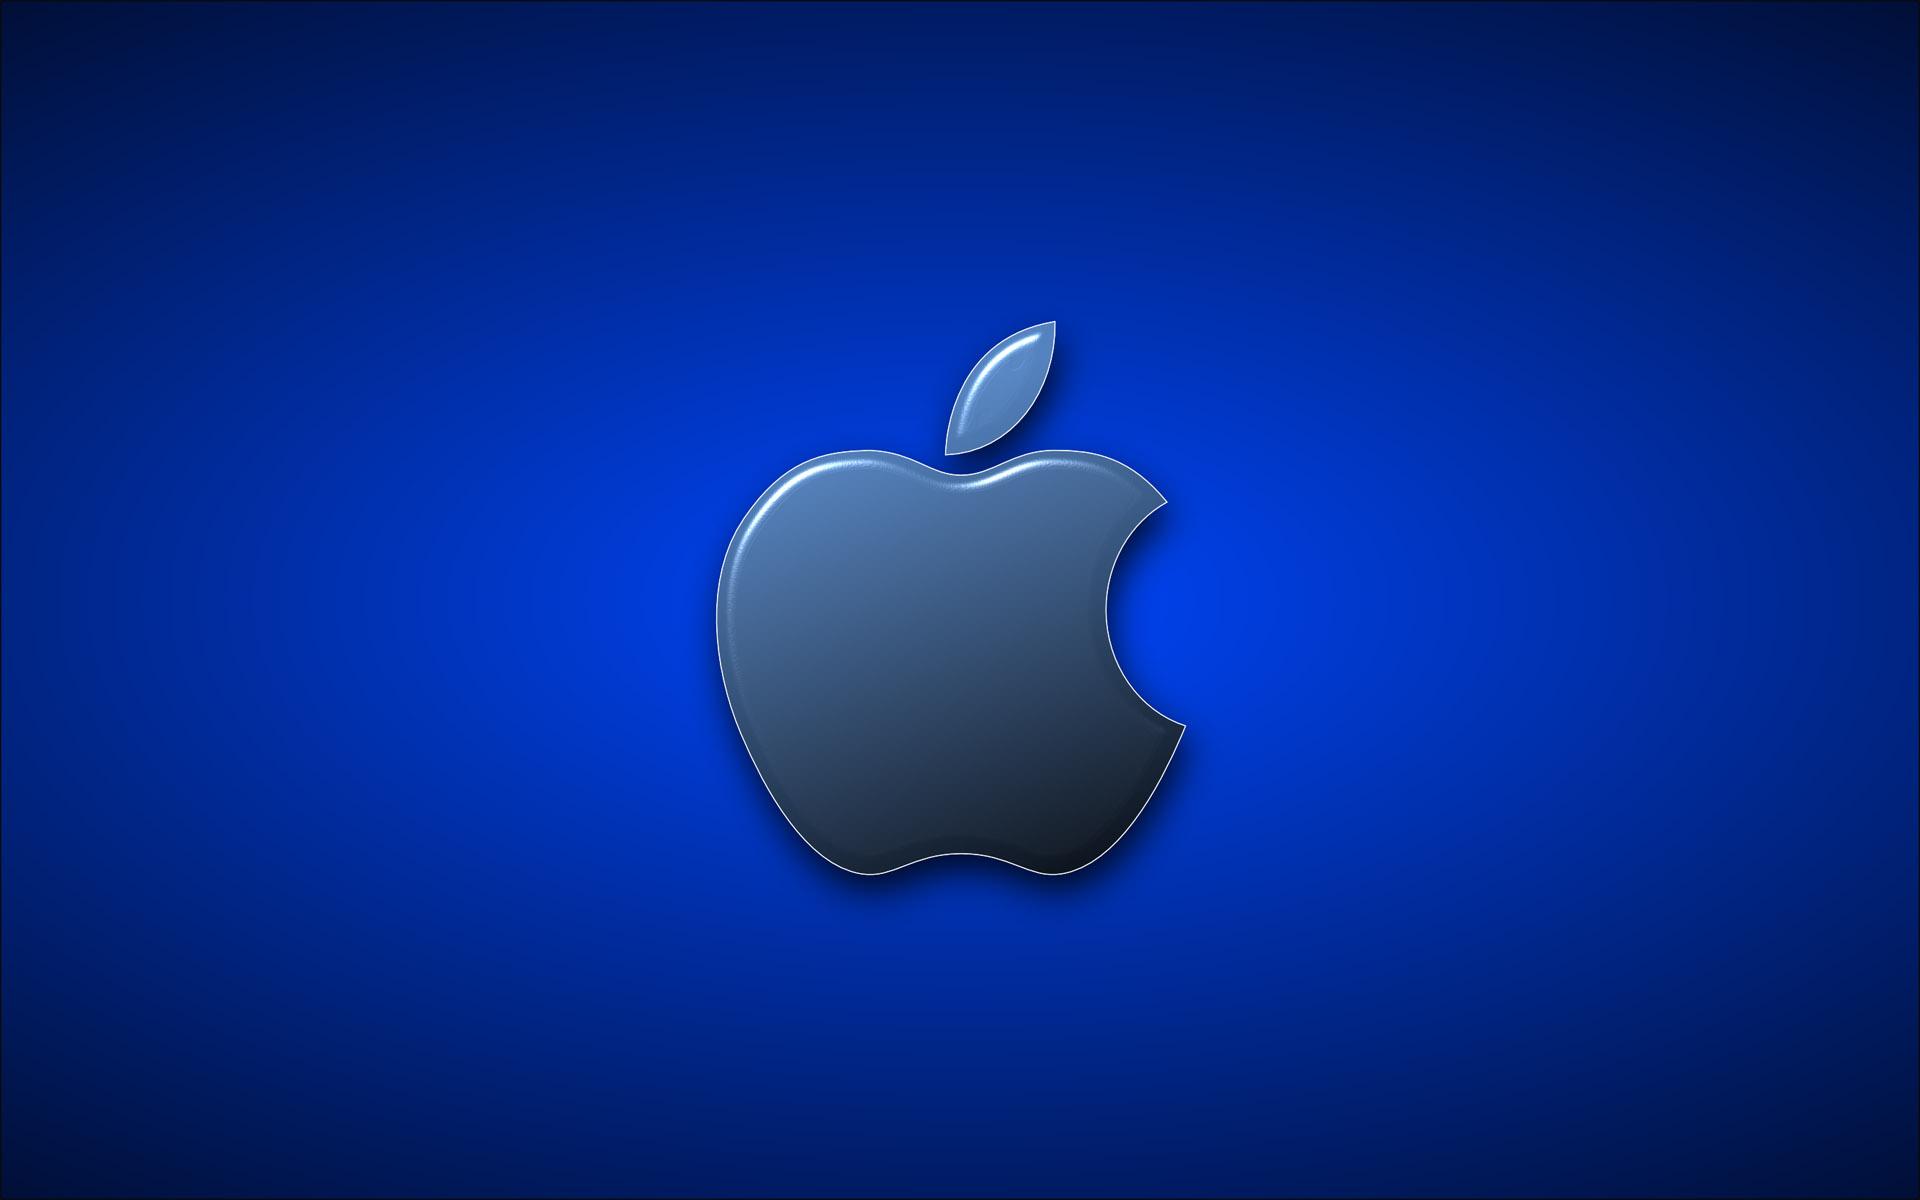 Wallpaper   Wallpaper apple mac animaatjes 43 1920x1200